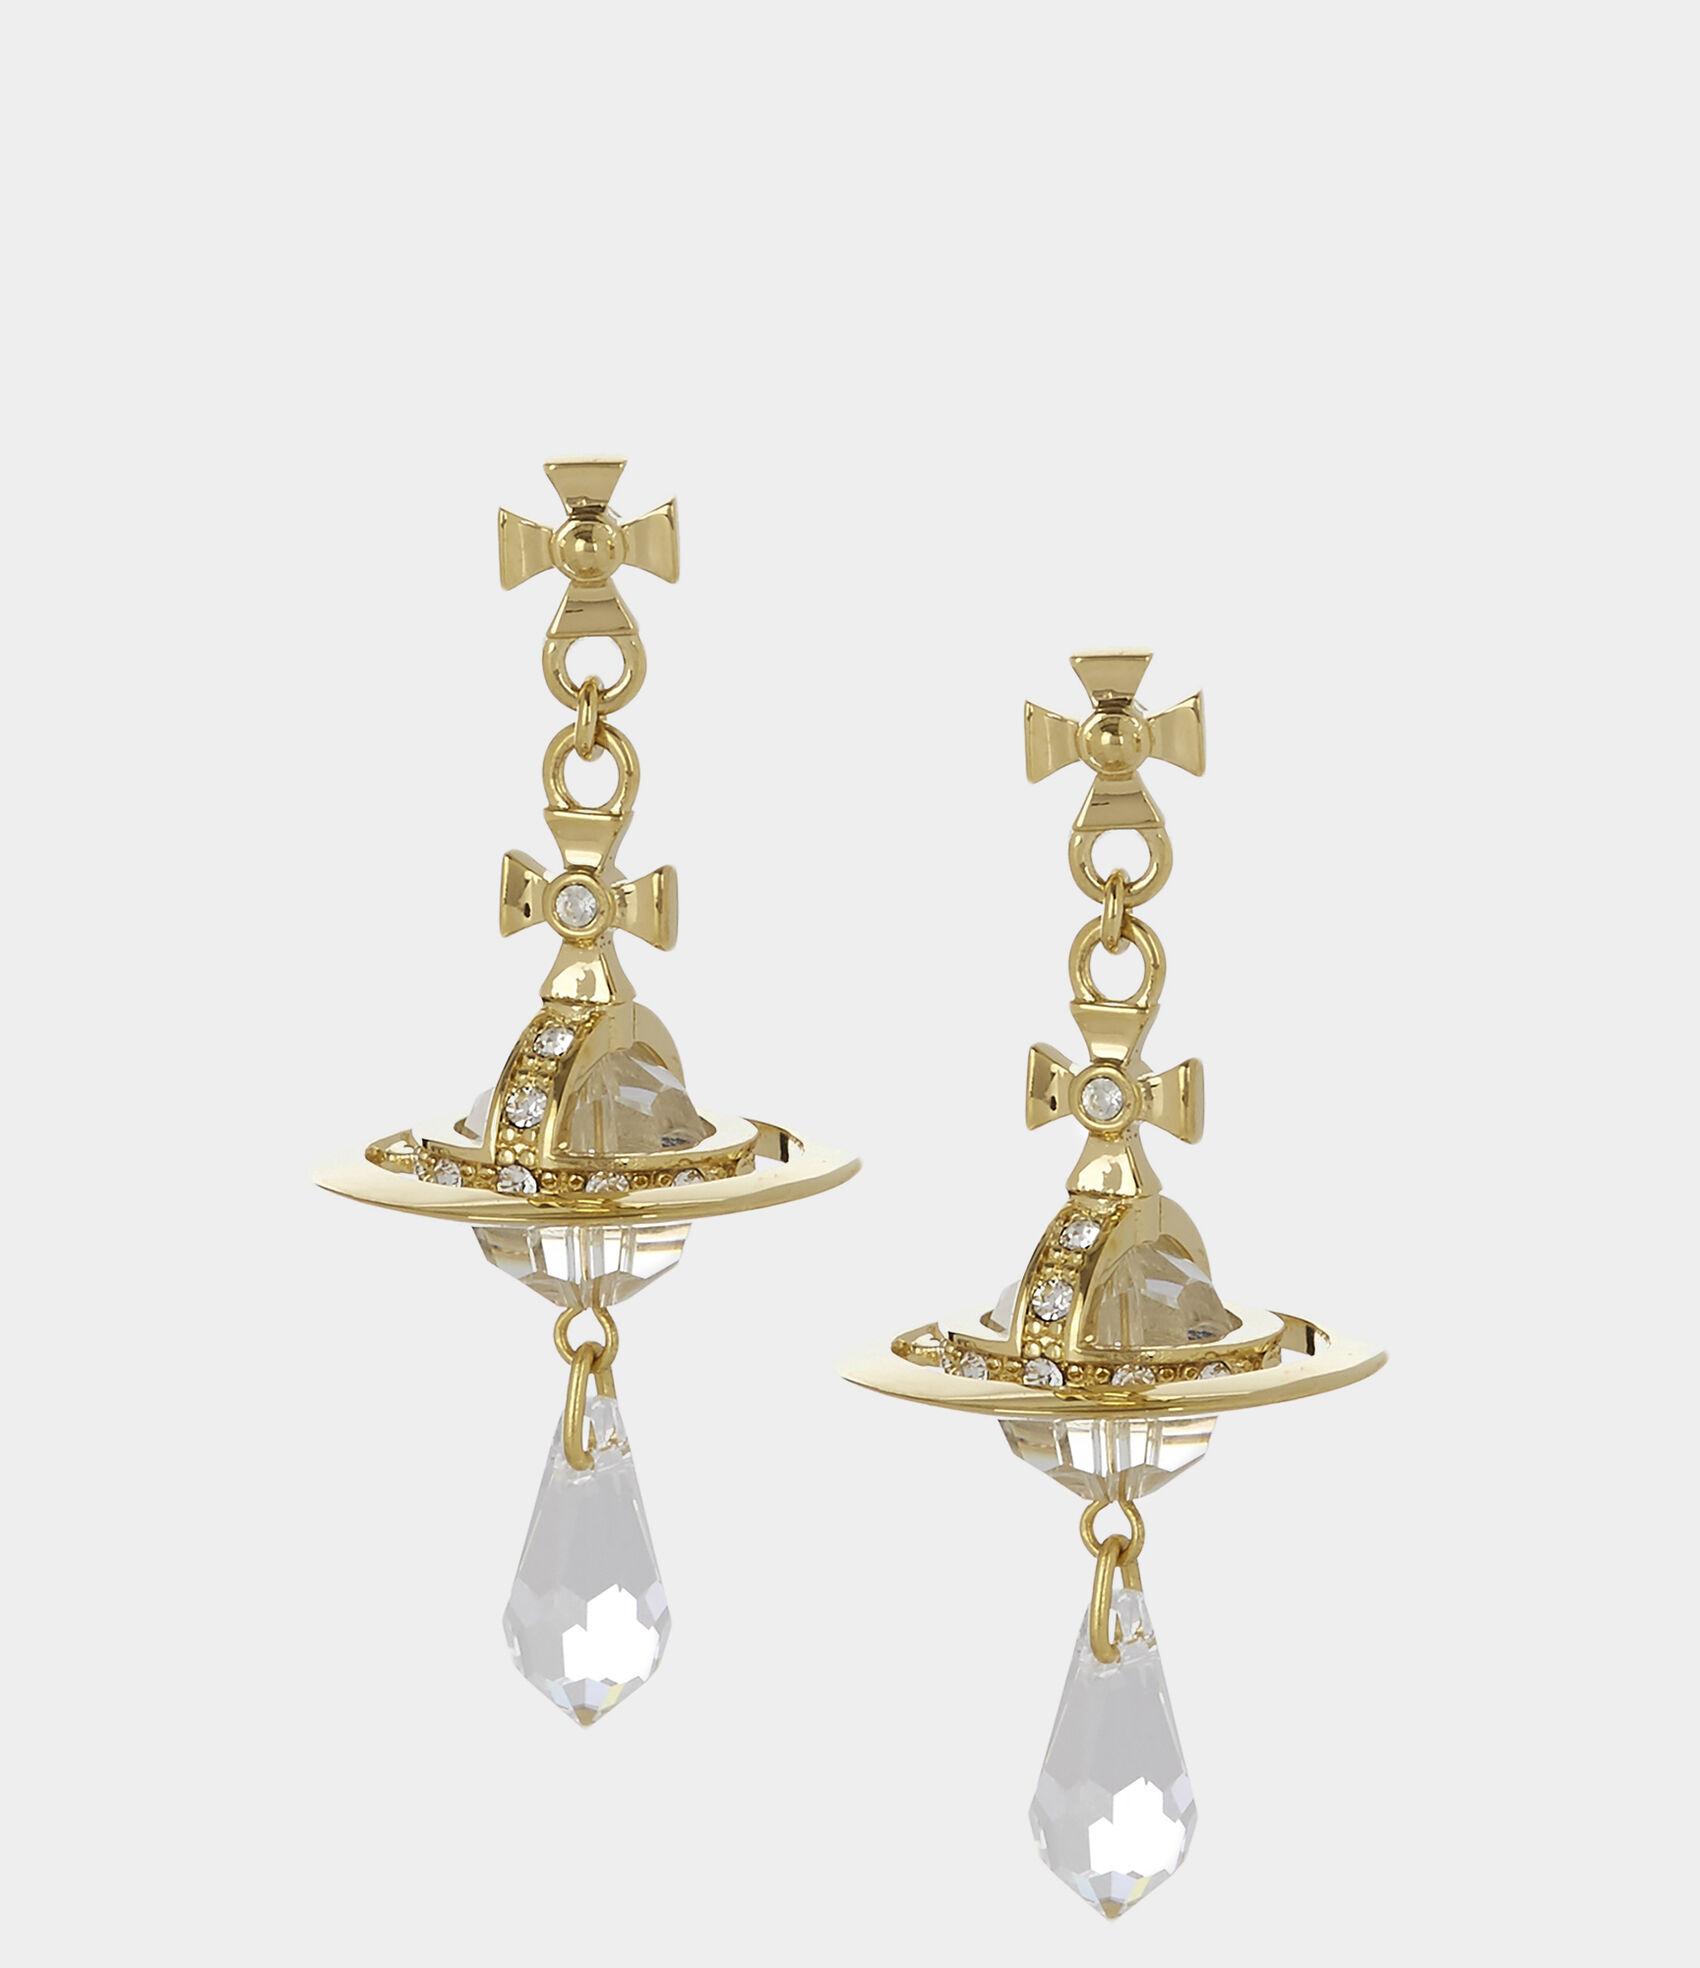 7536a4f49 Crystal Orb Earrings Gold Plated   Women's Earrings   Vivienne ...